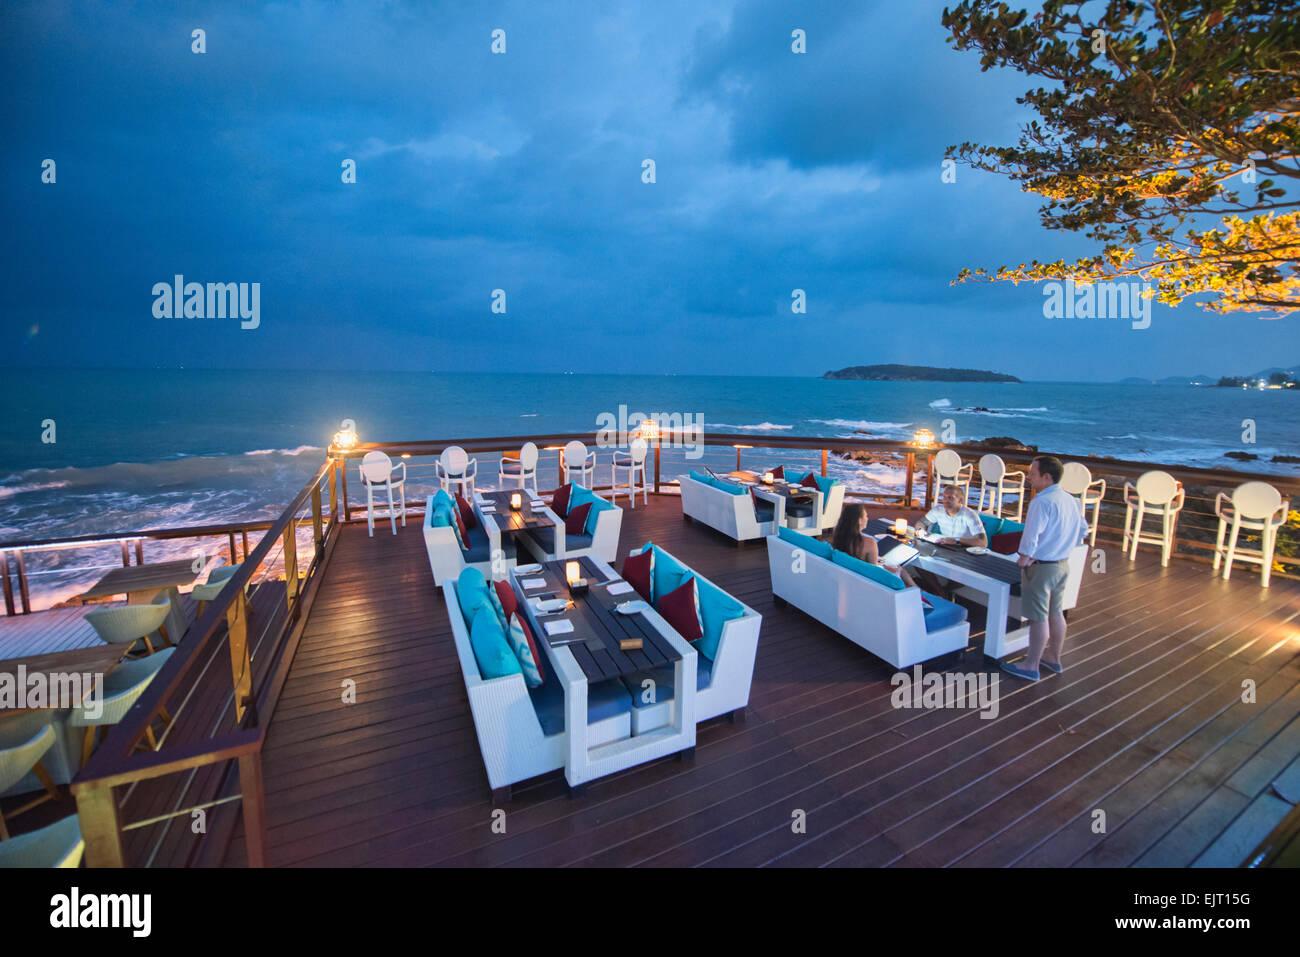 Romantico ristorante sul mare, Koh Samui, Thailandia Immagini Stock